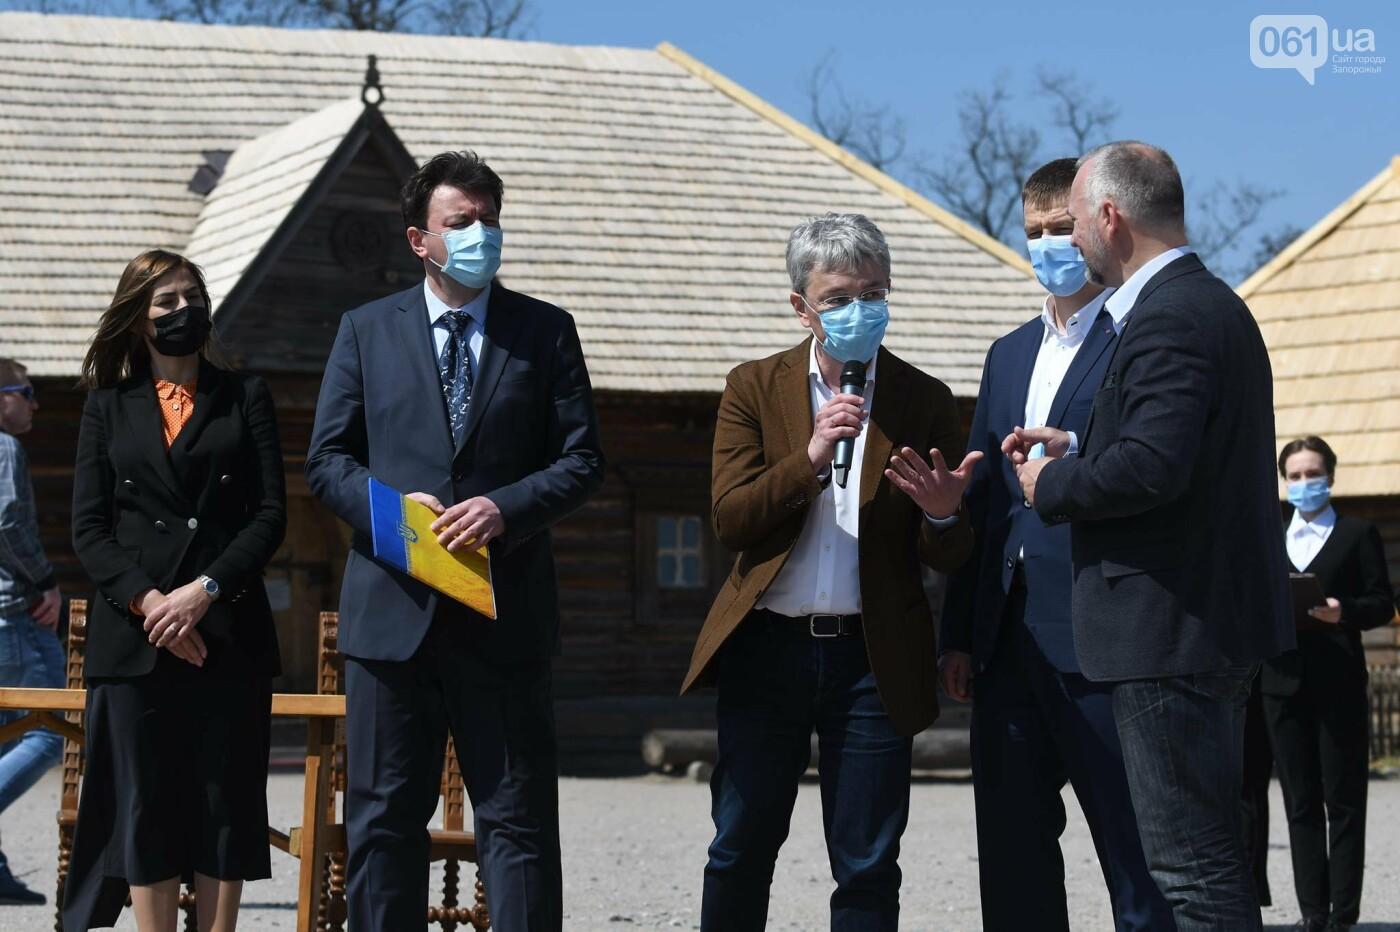 Министр культуры назвал сроки реконструкции кургана на Хортице - как будет выглядеть объект, - ФОТО, фото-9